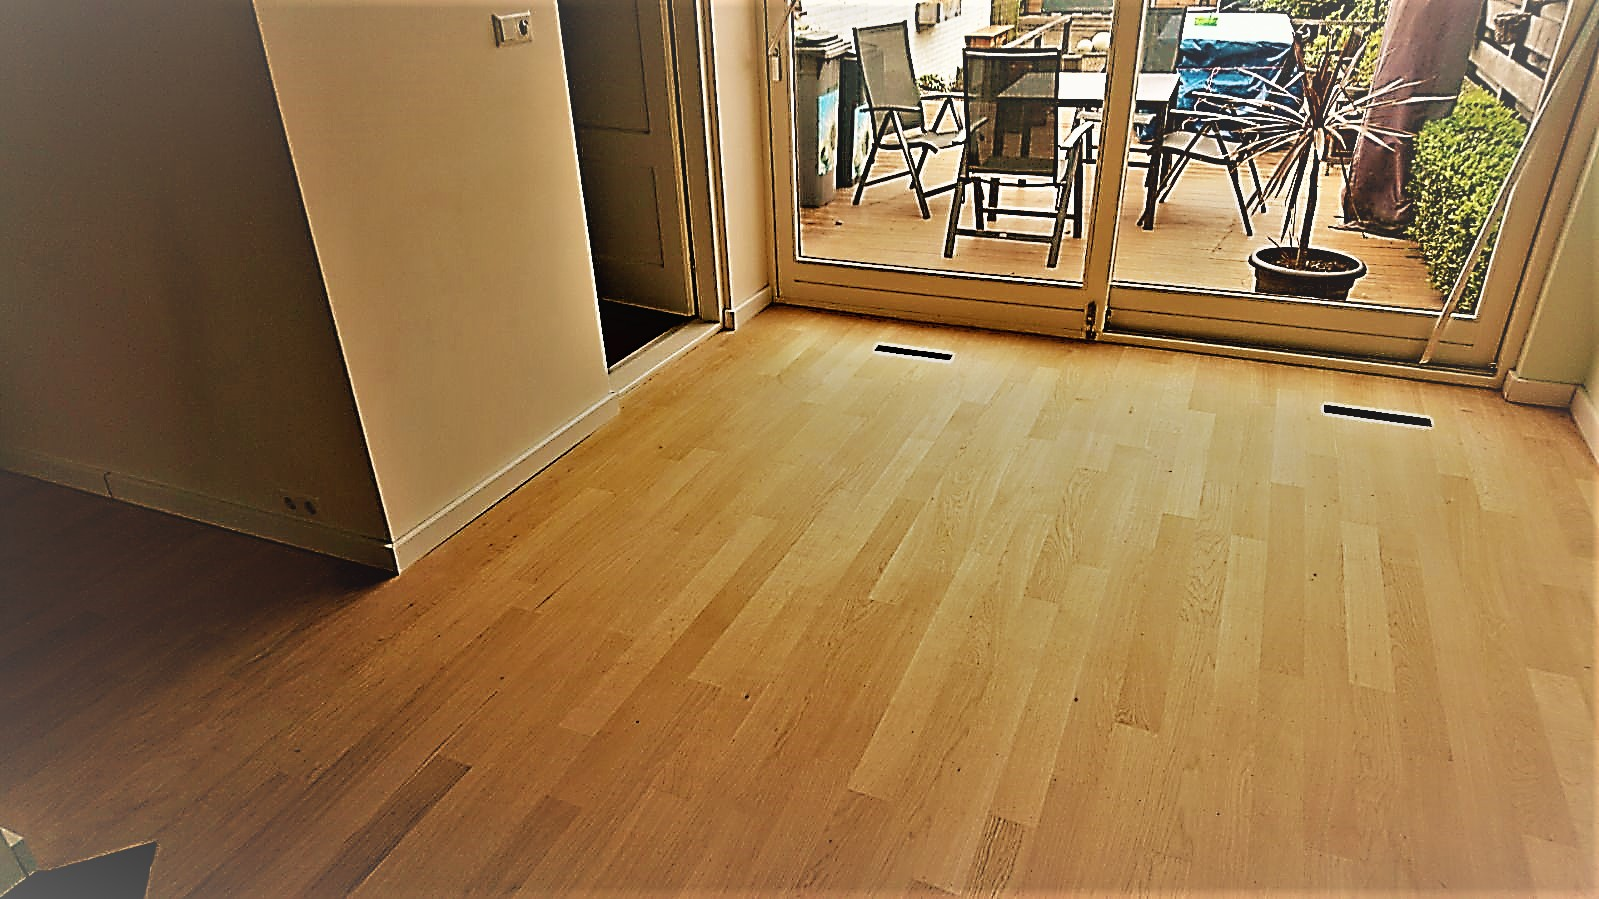 Opknappen aanhelen houten vloeren of waterschade u drvloer